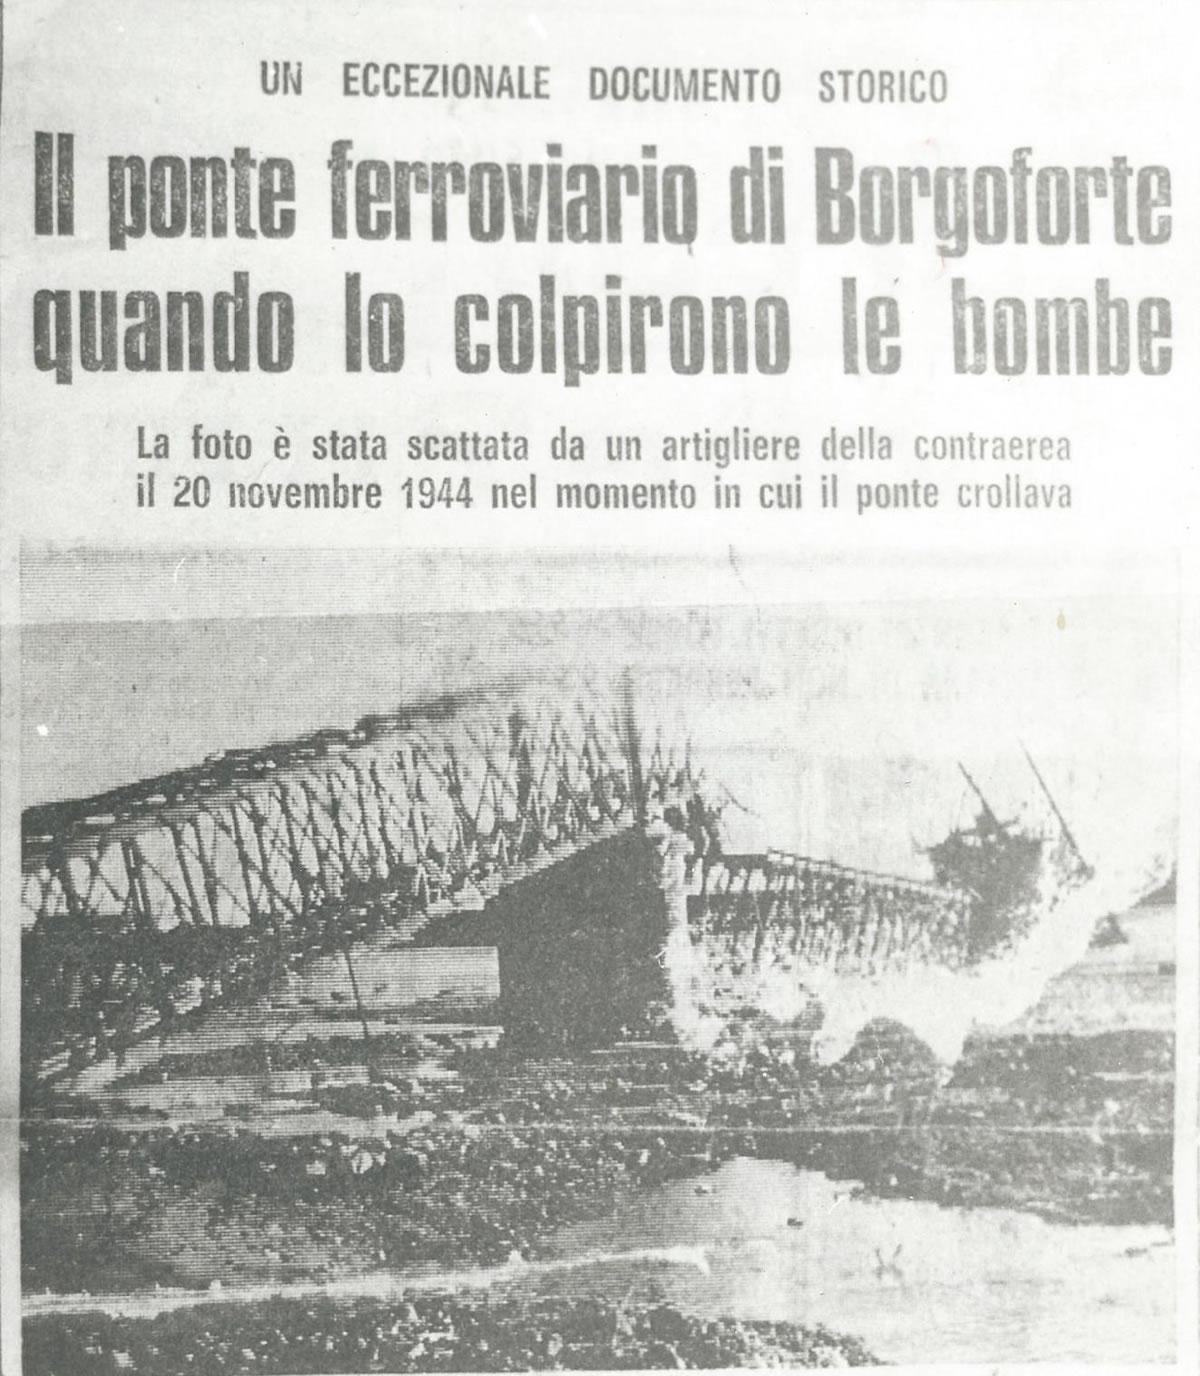 PONTE DI BORGOFORTE COLPITO DALLE BOMBE